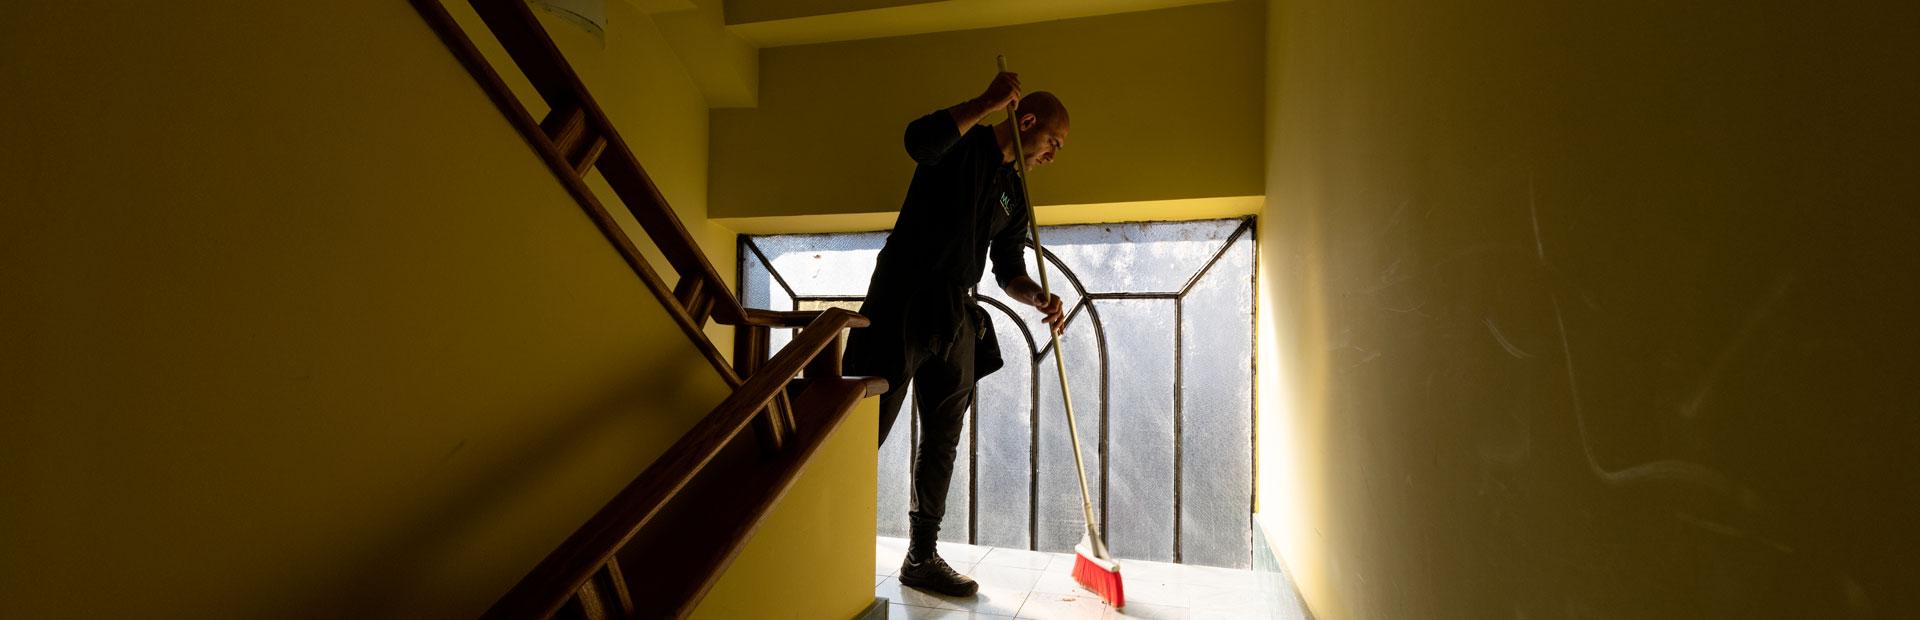 Particolare dell'azione di un'impresa di pulizie a Torino. L'addetto con una scopa rossa pulisce il pavimento in piastrelle del pianerottolo di una scala condominiale. Le pareti sono di colore giallo oro e il mancorrente è in legno scuro. Sullo sfondo si trova un'ampia vetrata.